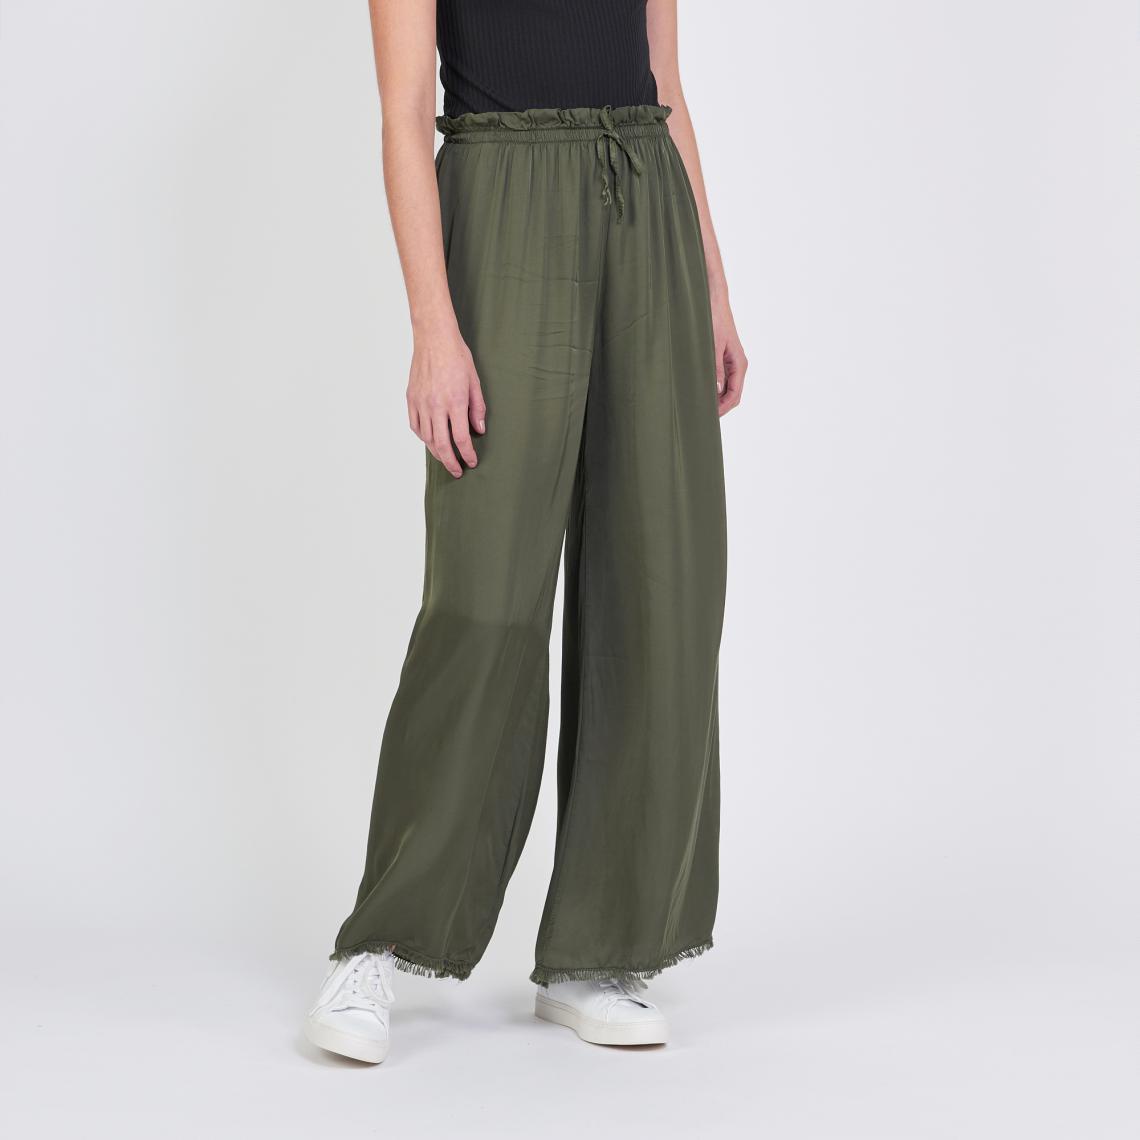 pantalon femme fluide large